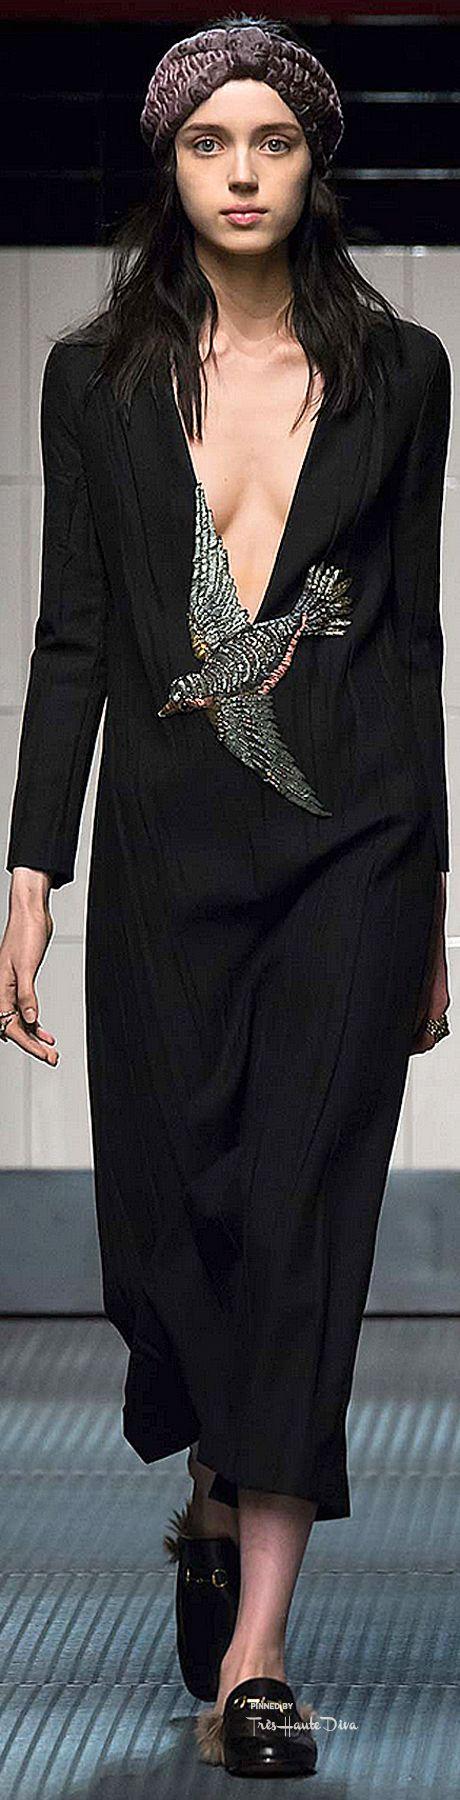 best style images on pinterest style fashion coat storage